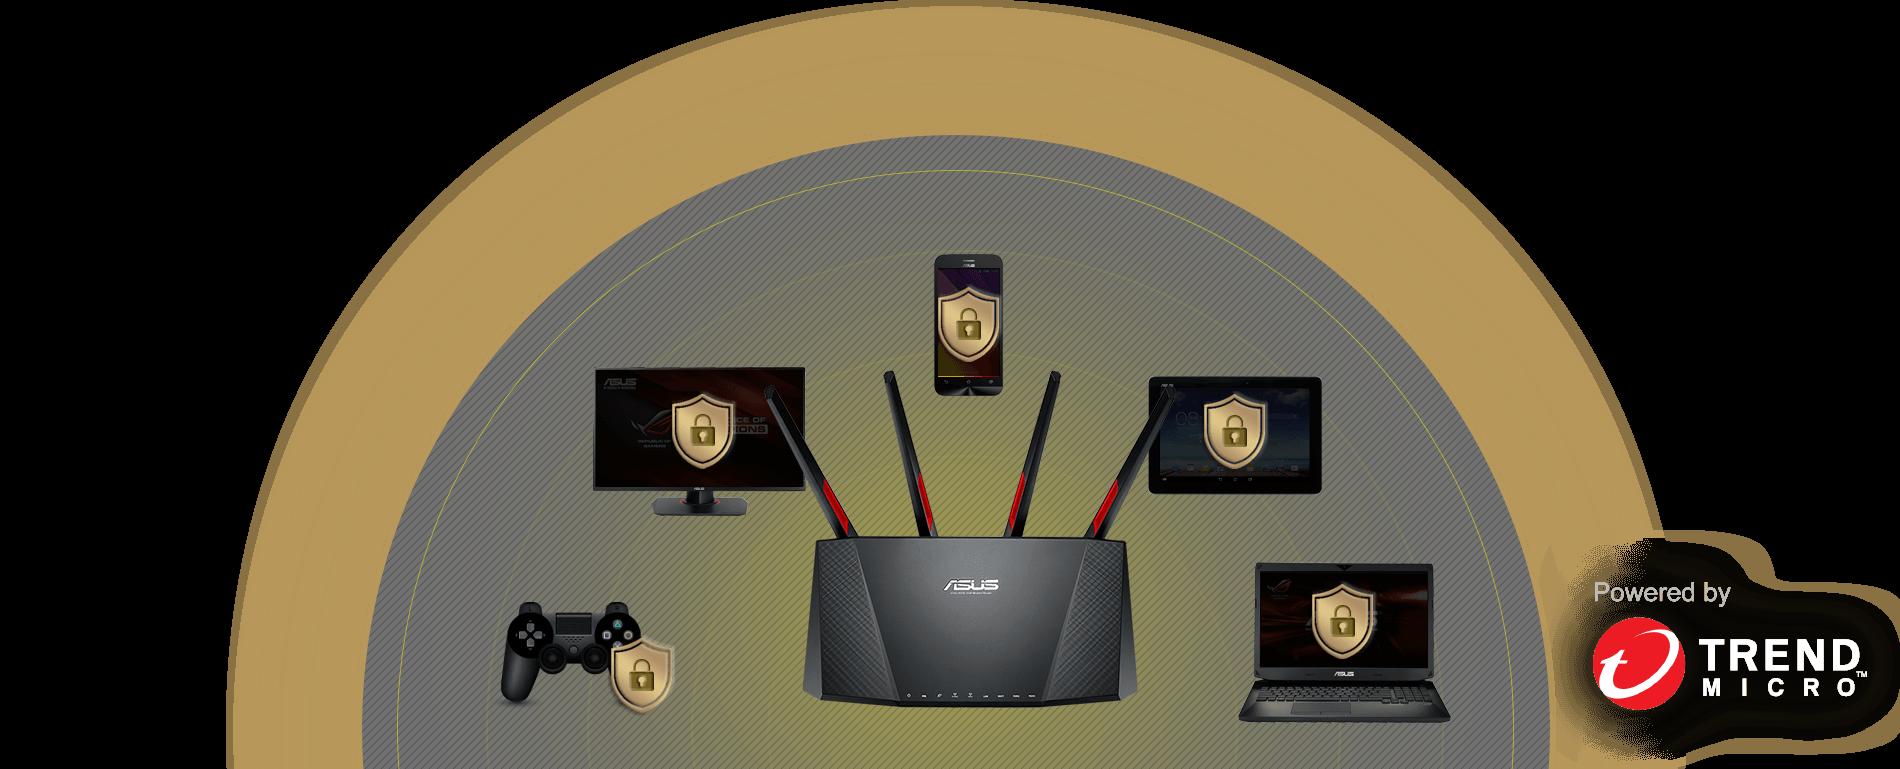 Der ASUS DSL-AC68VG mit AiProtection powered by Trend Micro schützt alle angeschlossenen Geräte.